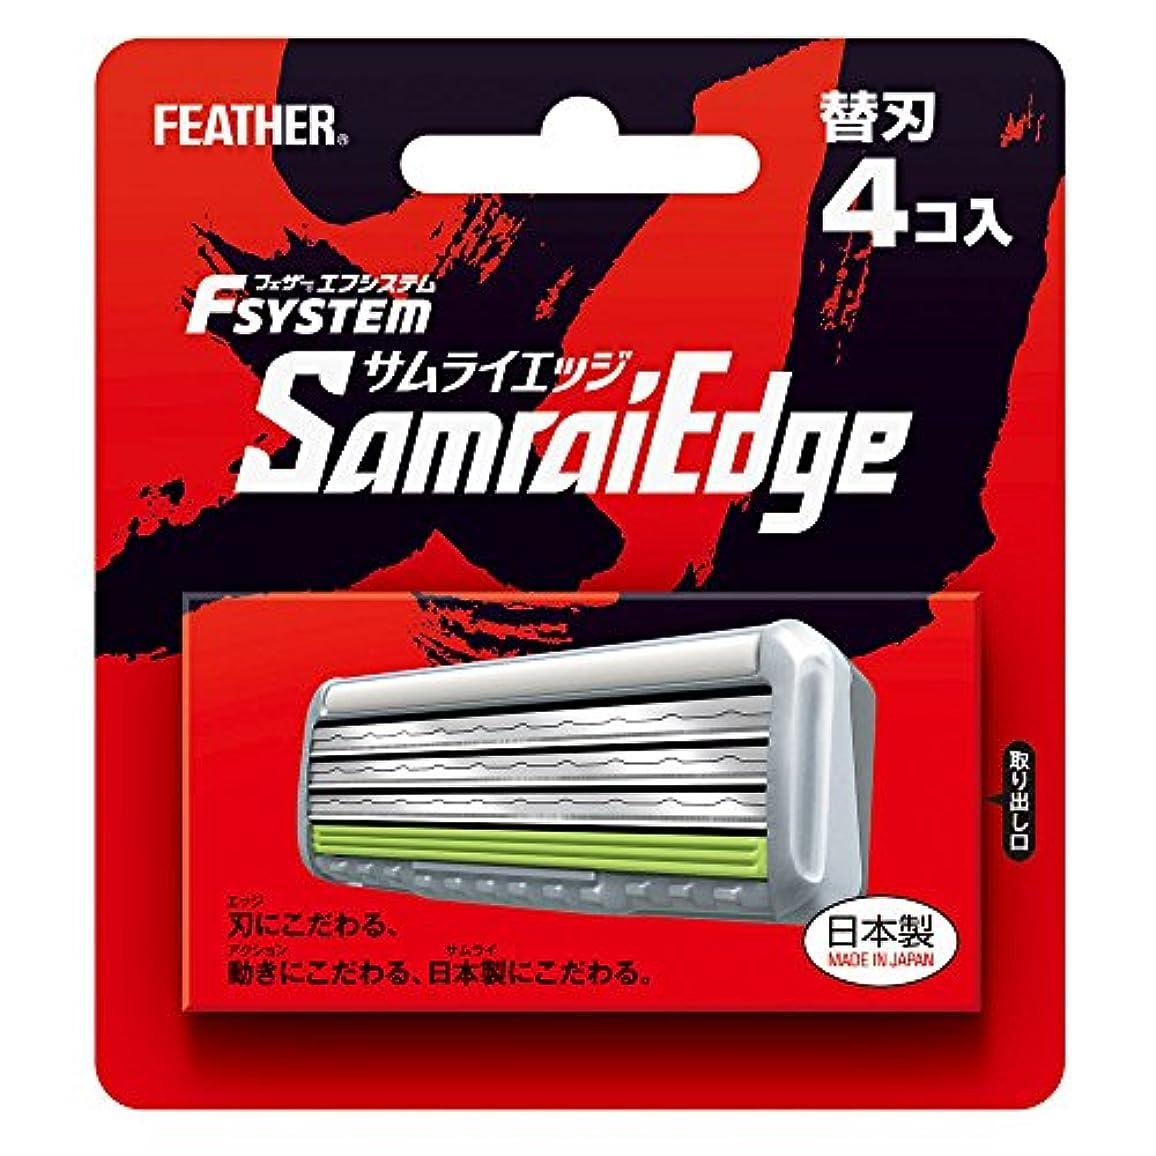 チャンピオンシップ光沢のあるバルクフェザー エフシステム 替刃 サムライエッジ 4コ入 (日本製)